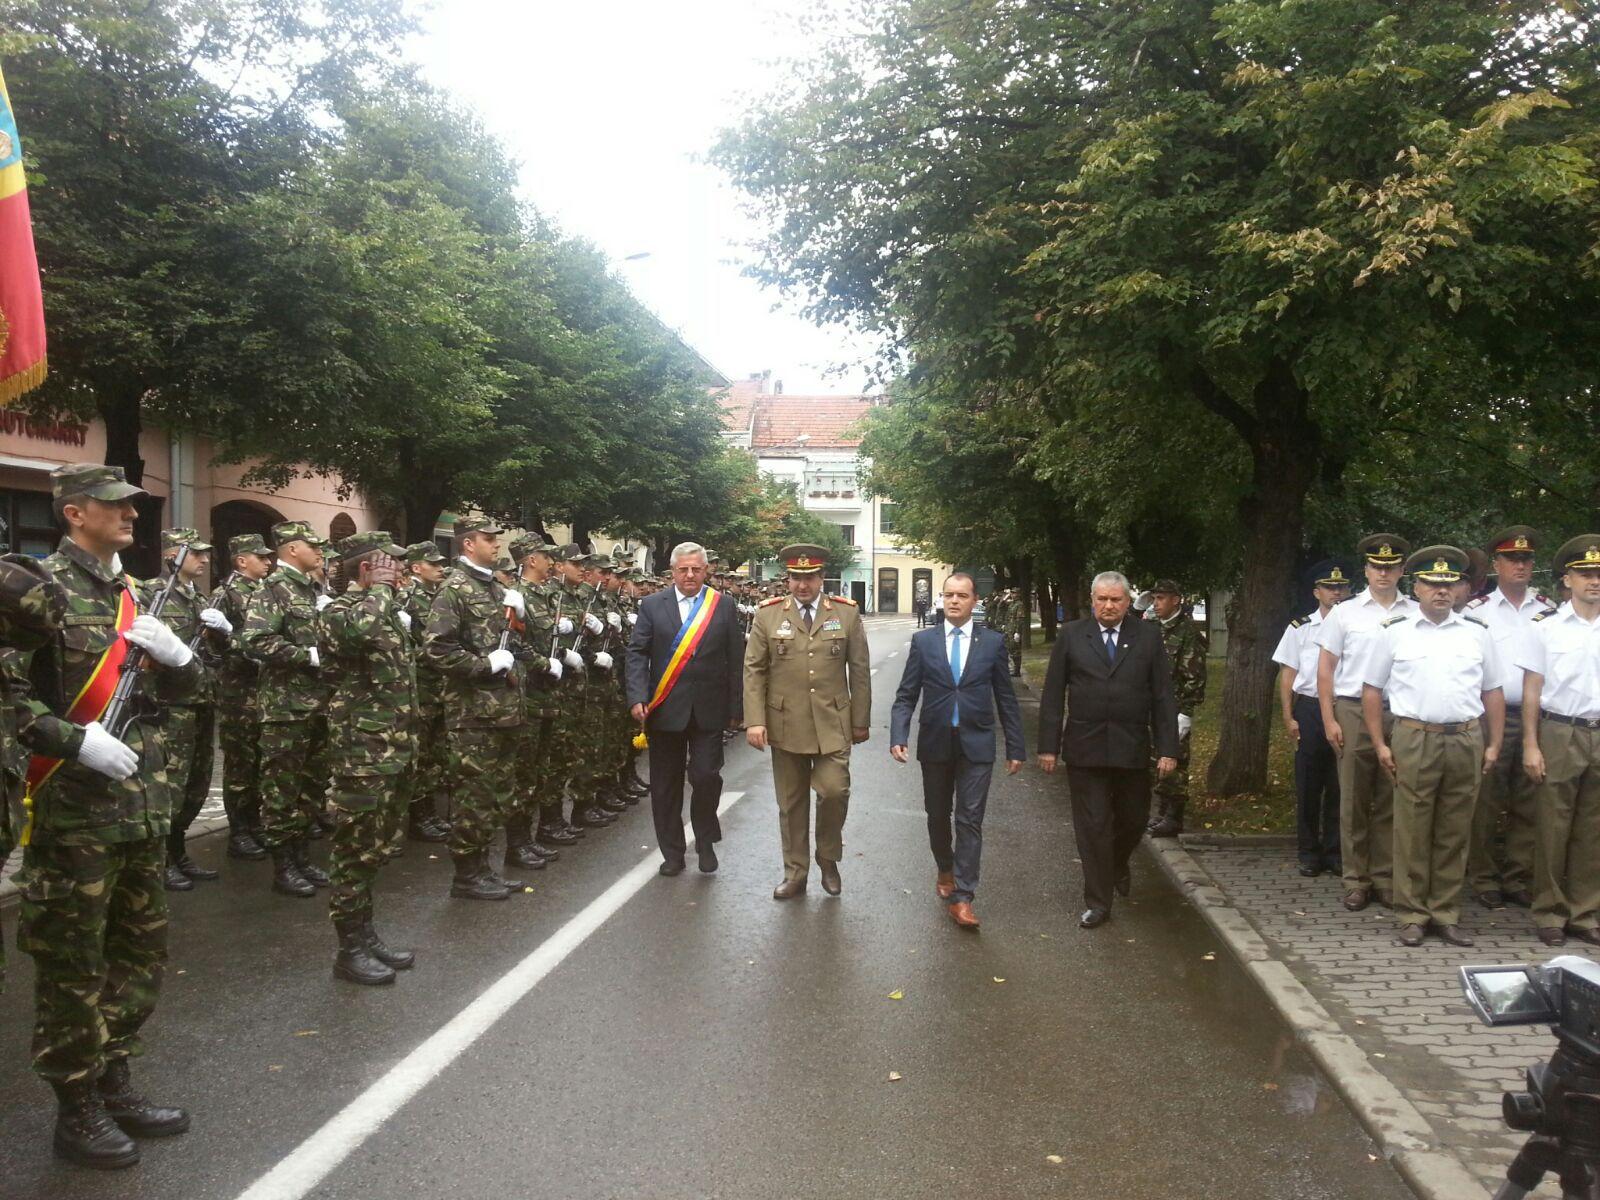 Ceremonial militar şi invitaţi din zece ţări, la Bistriţa, în oraşul Imnului Naţional